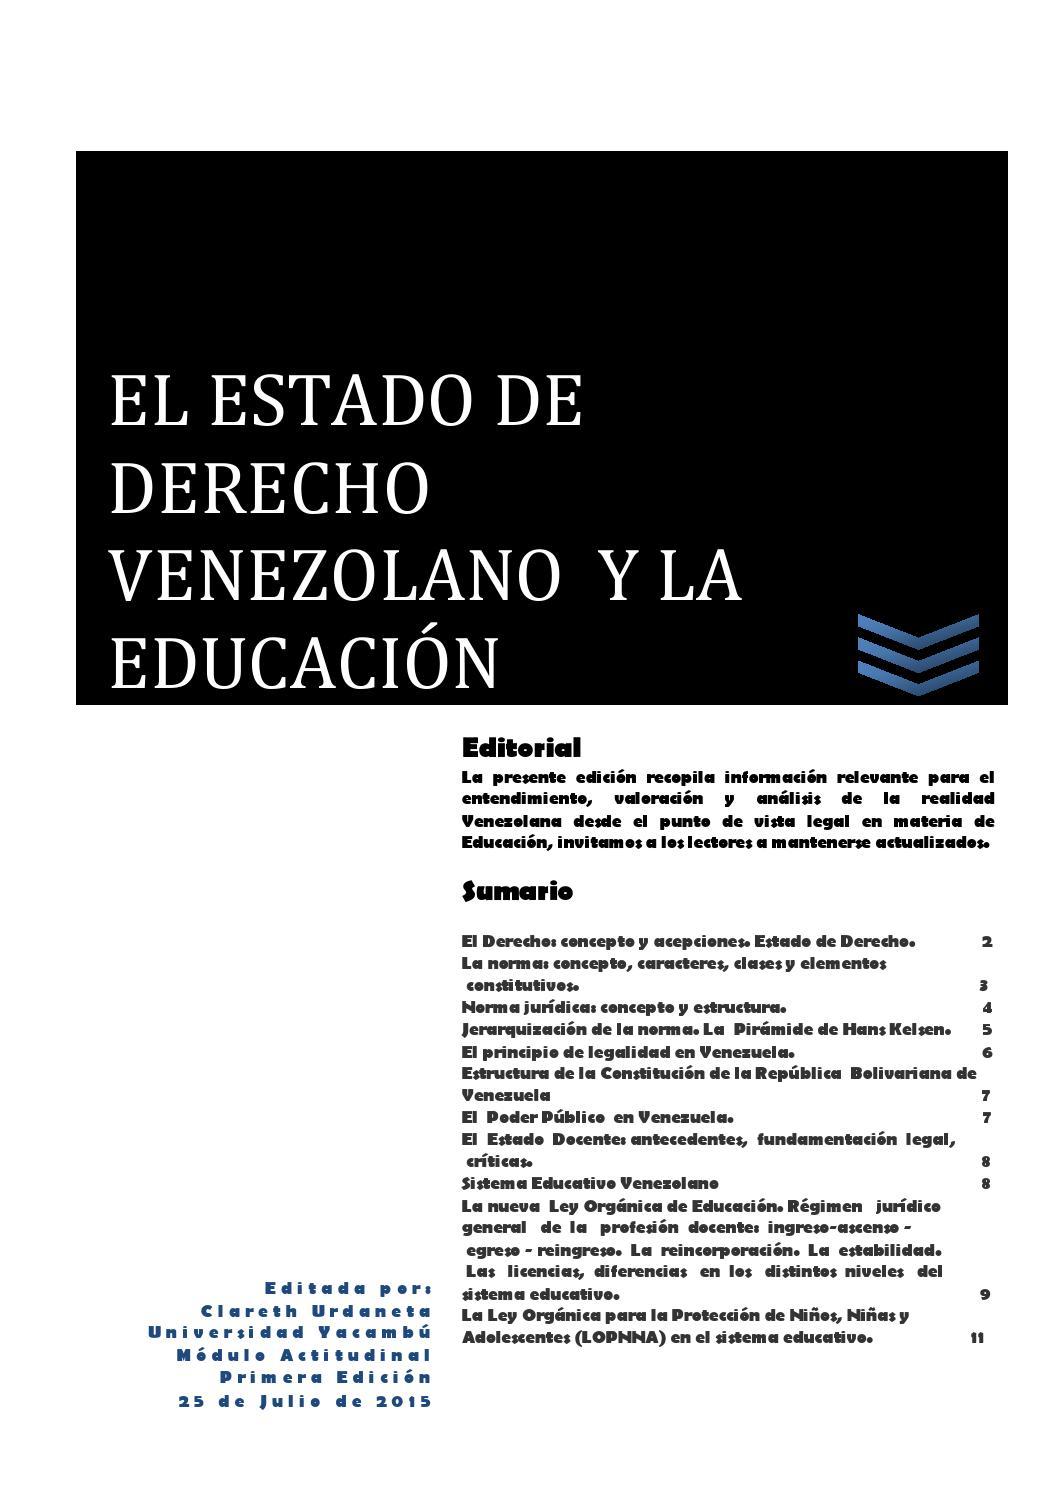 El Estado De Derecho Venezolano Y La Educación By Clareth